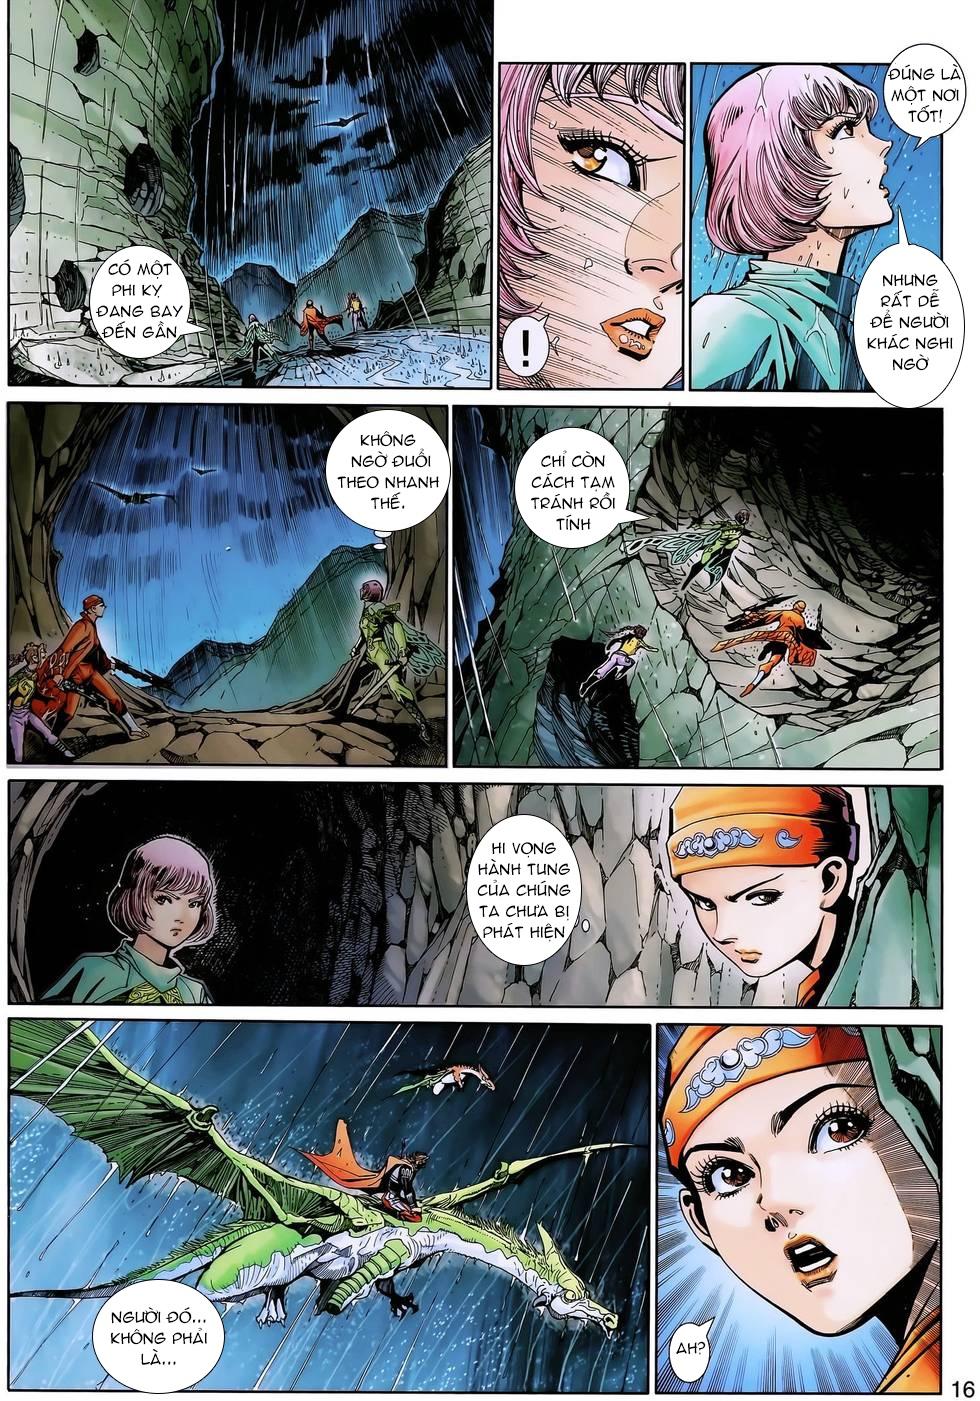 Thần binh huyền kỳ 3 - 3.5 tập 146 - 14